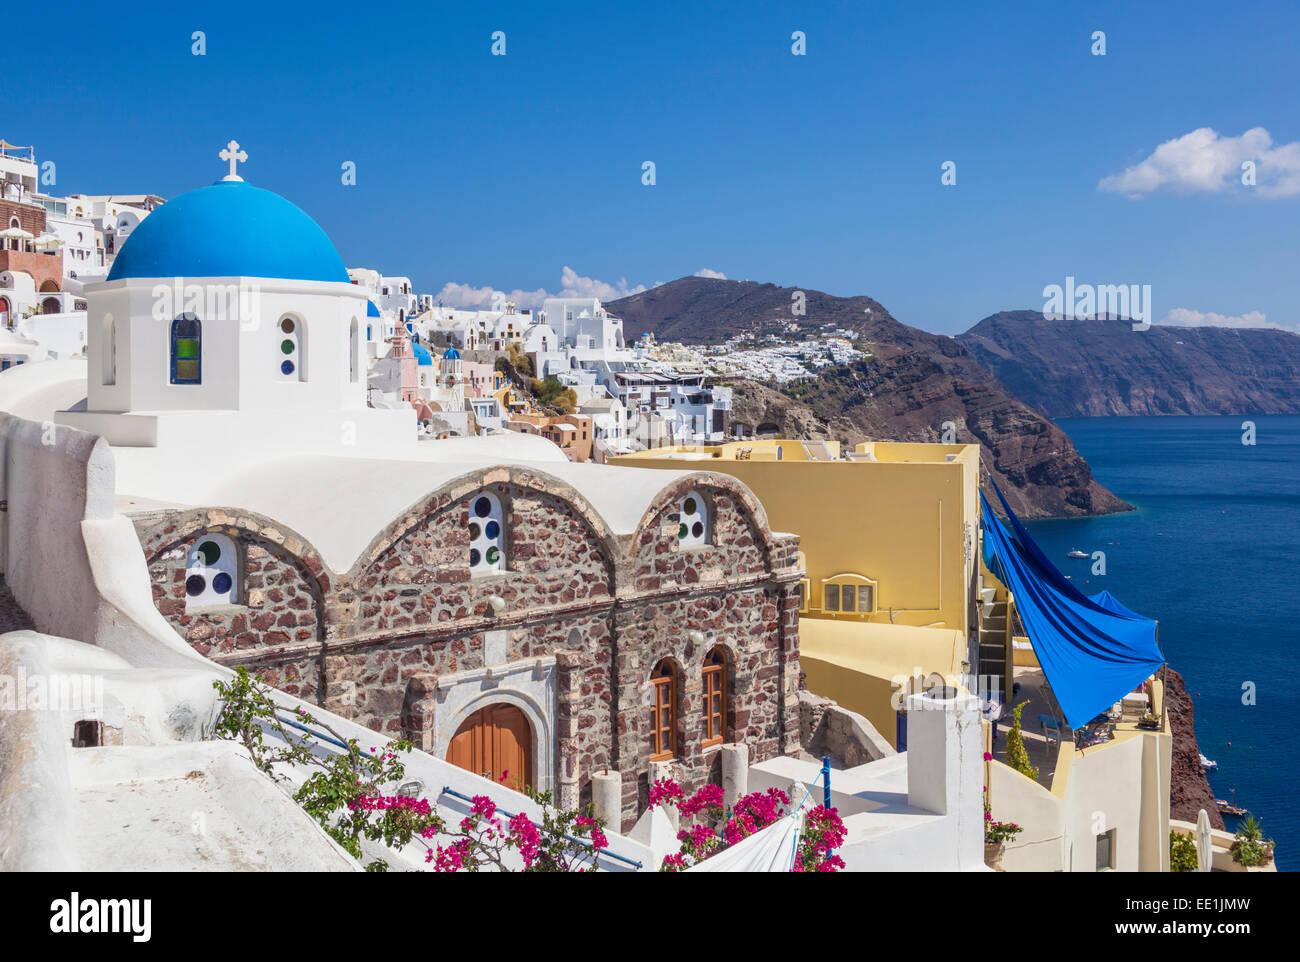 L'église grecque de Saint Nicolas avec dôme bleu, Oia, Santorin (thira), îles Cyclades, îles Photo Stock